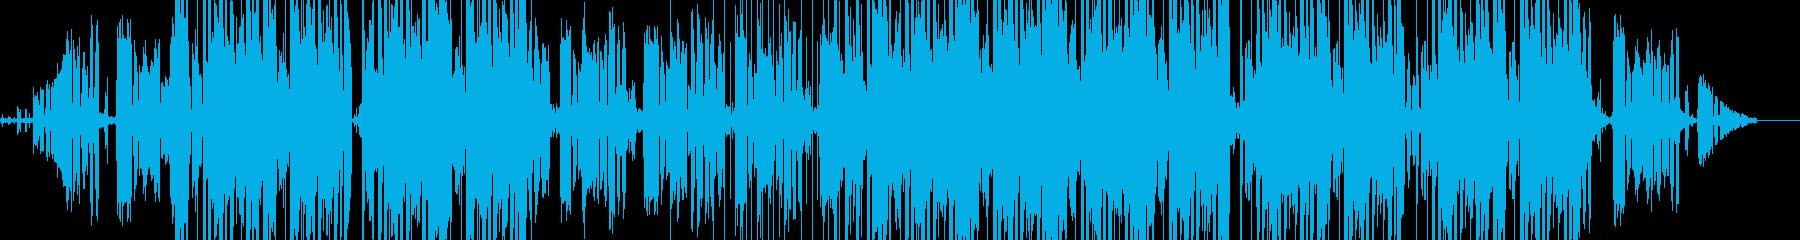 フュージョン ジャズ レトロ 怠け...の再生済みの波形